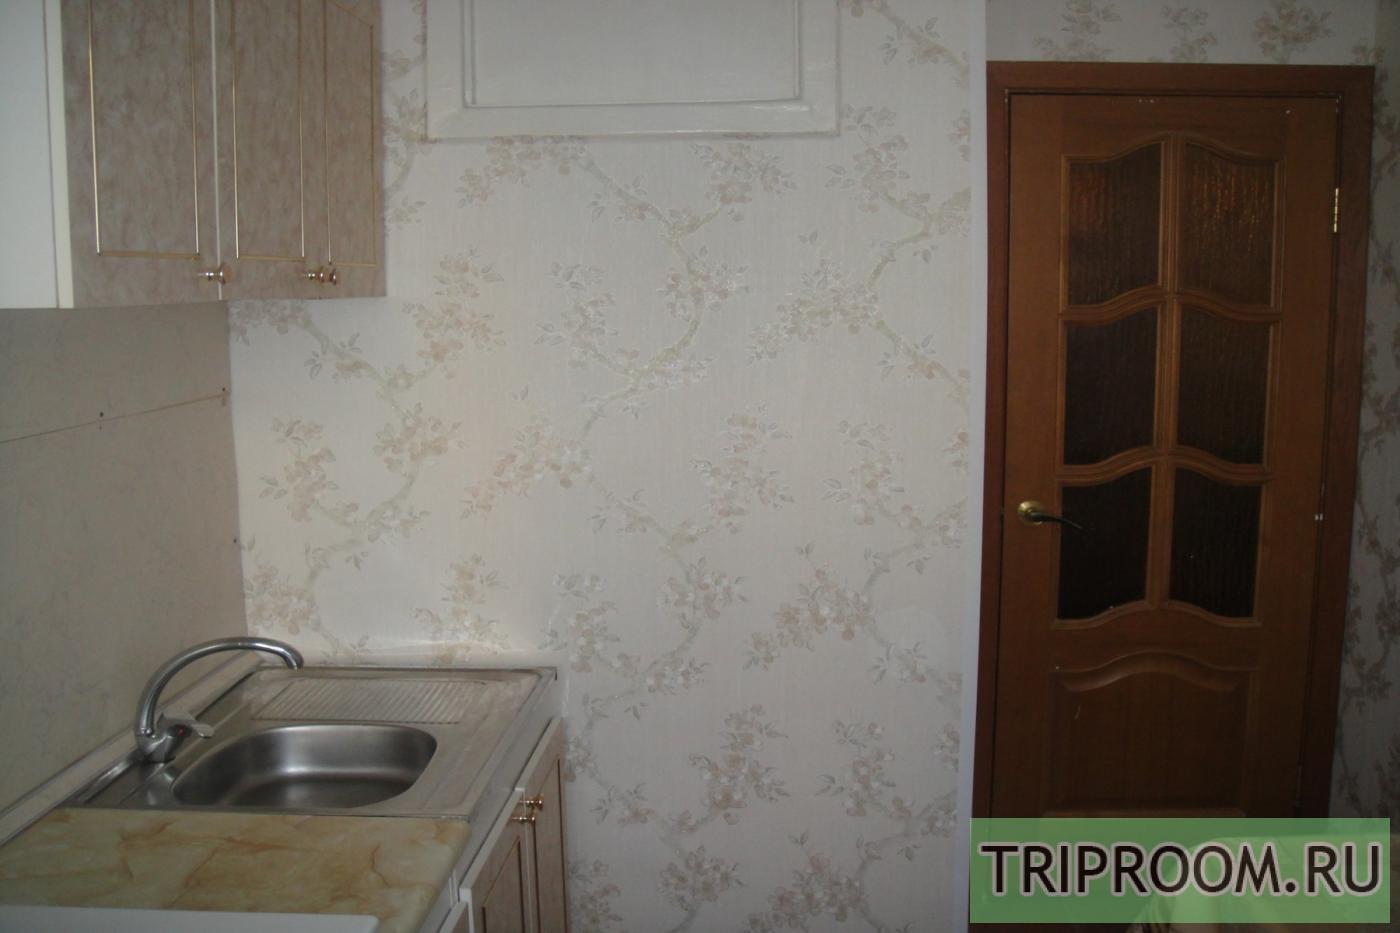 1-комнатная квартира посуточно (вариант № 22588), ул. Стара-Загора улица, фото № 12